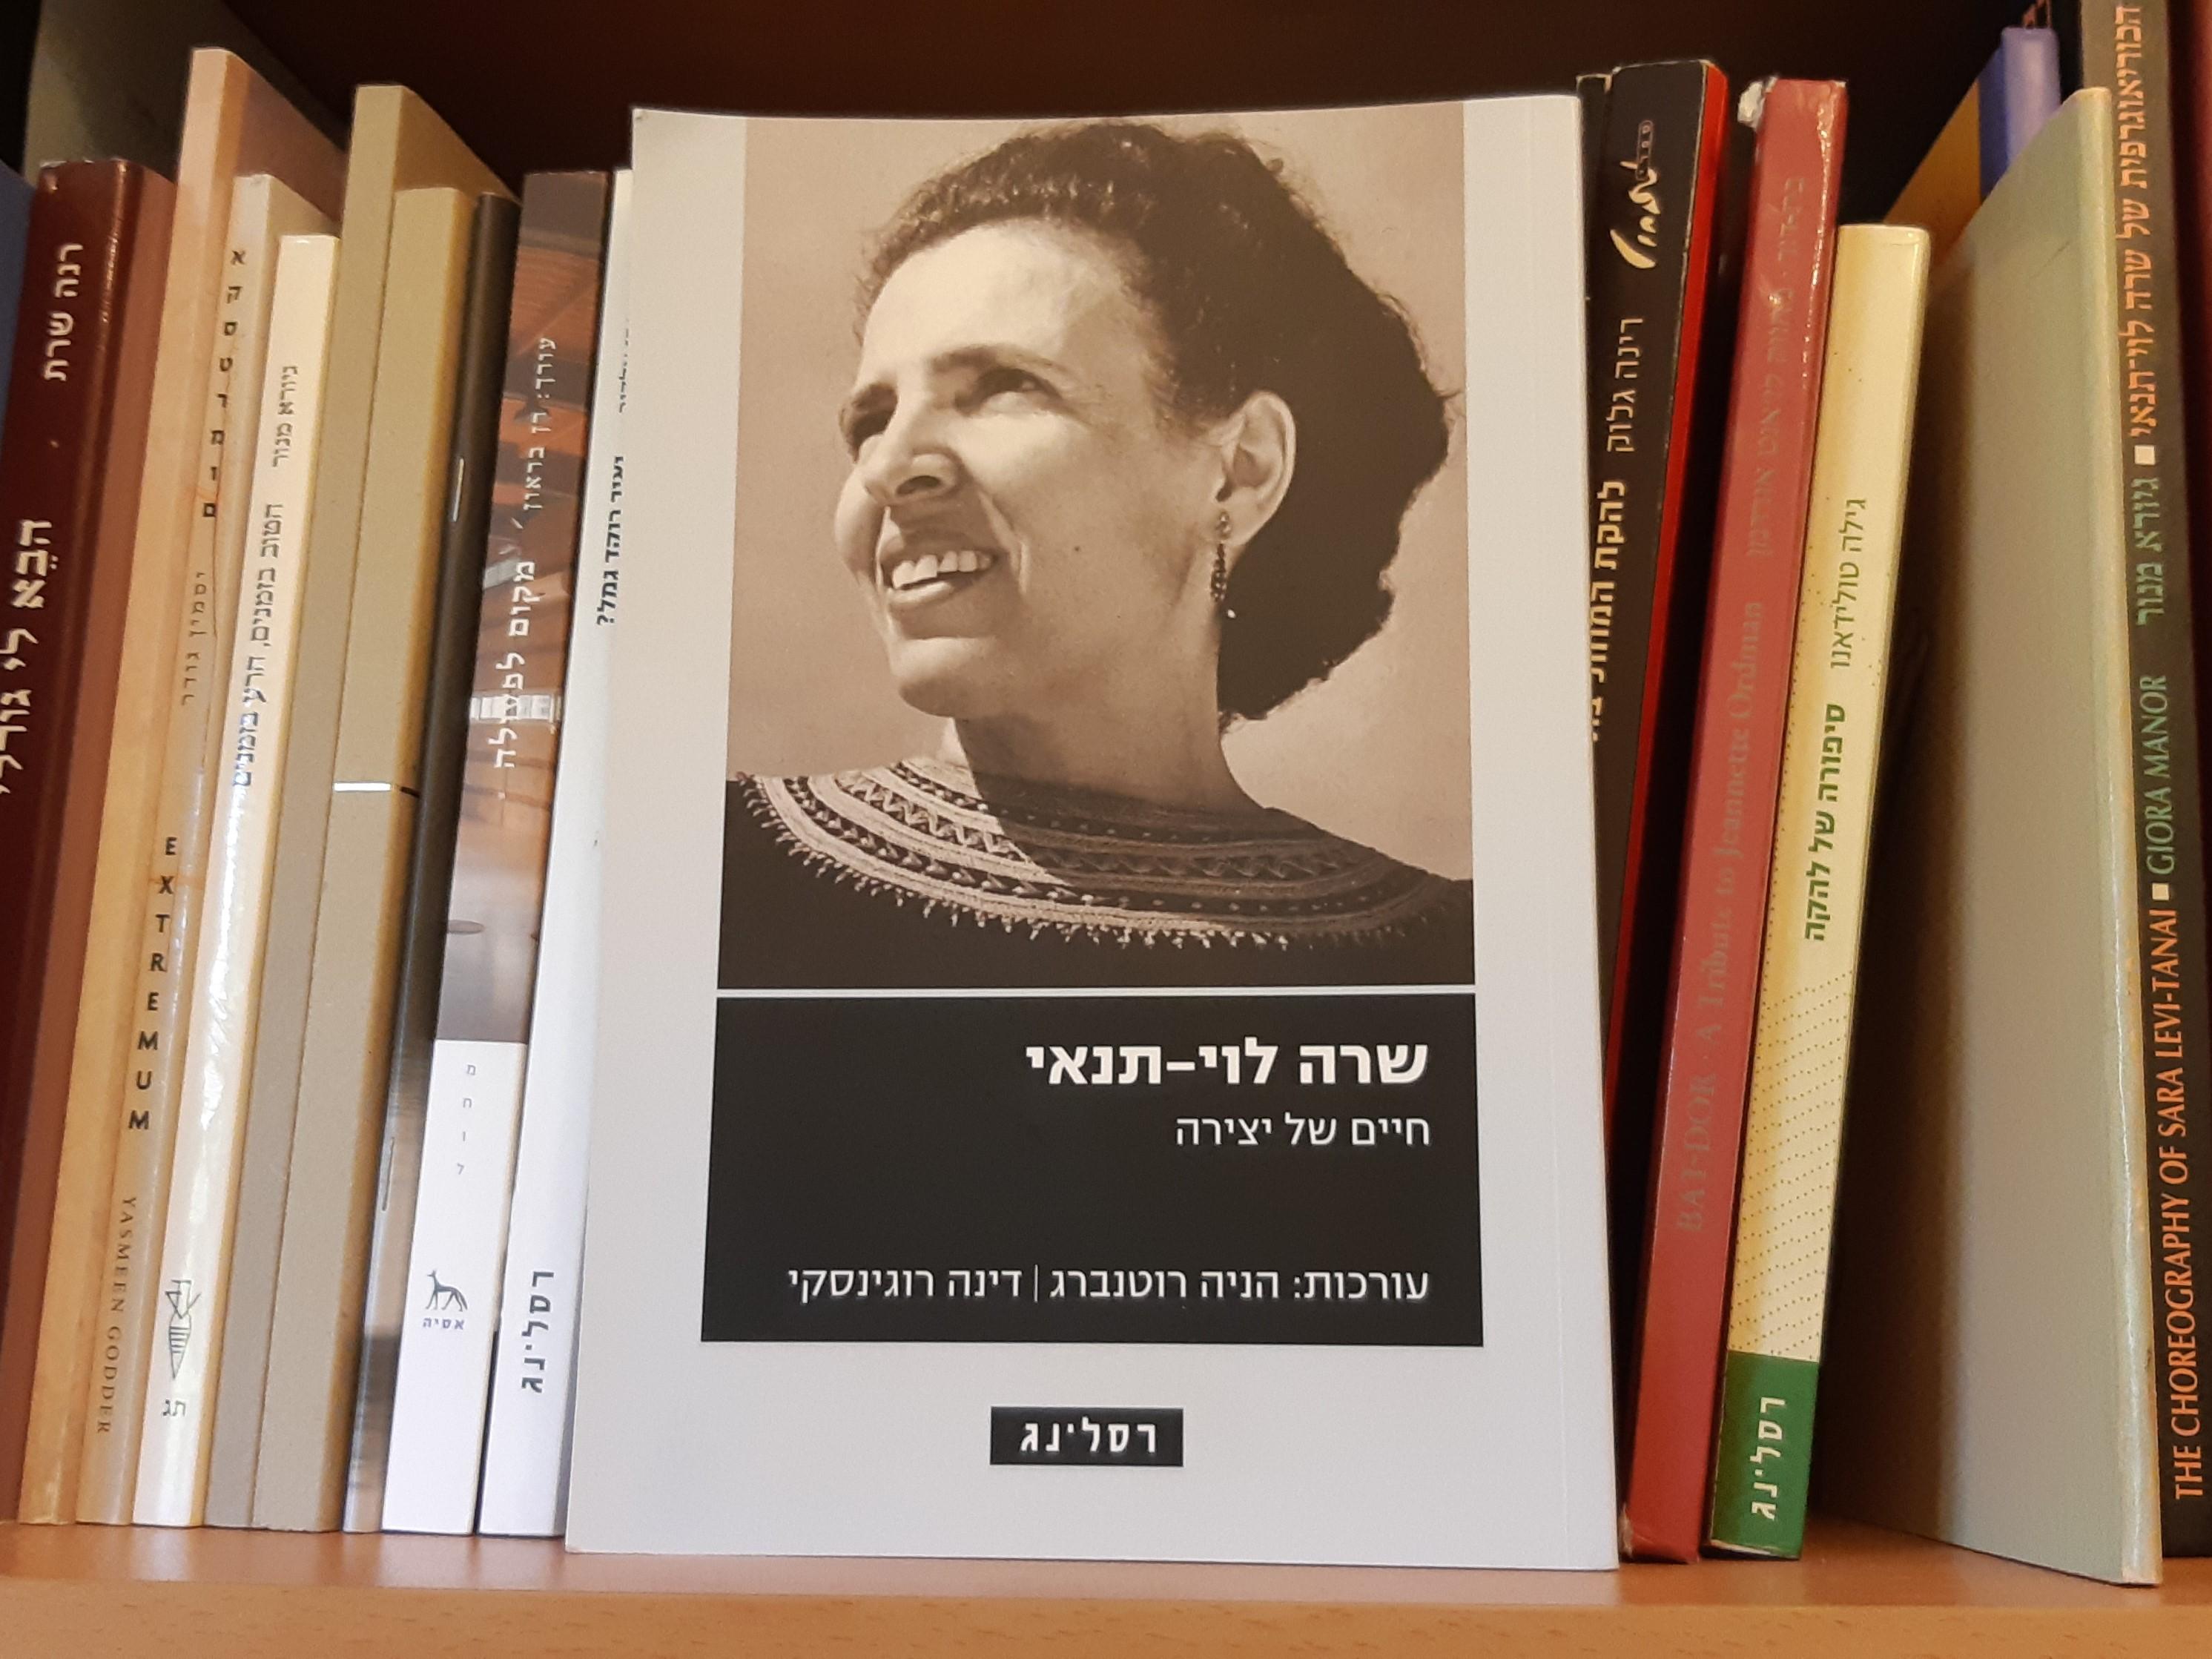 שרה לוי-תנאי: חיים של יצירה